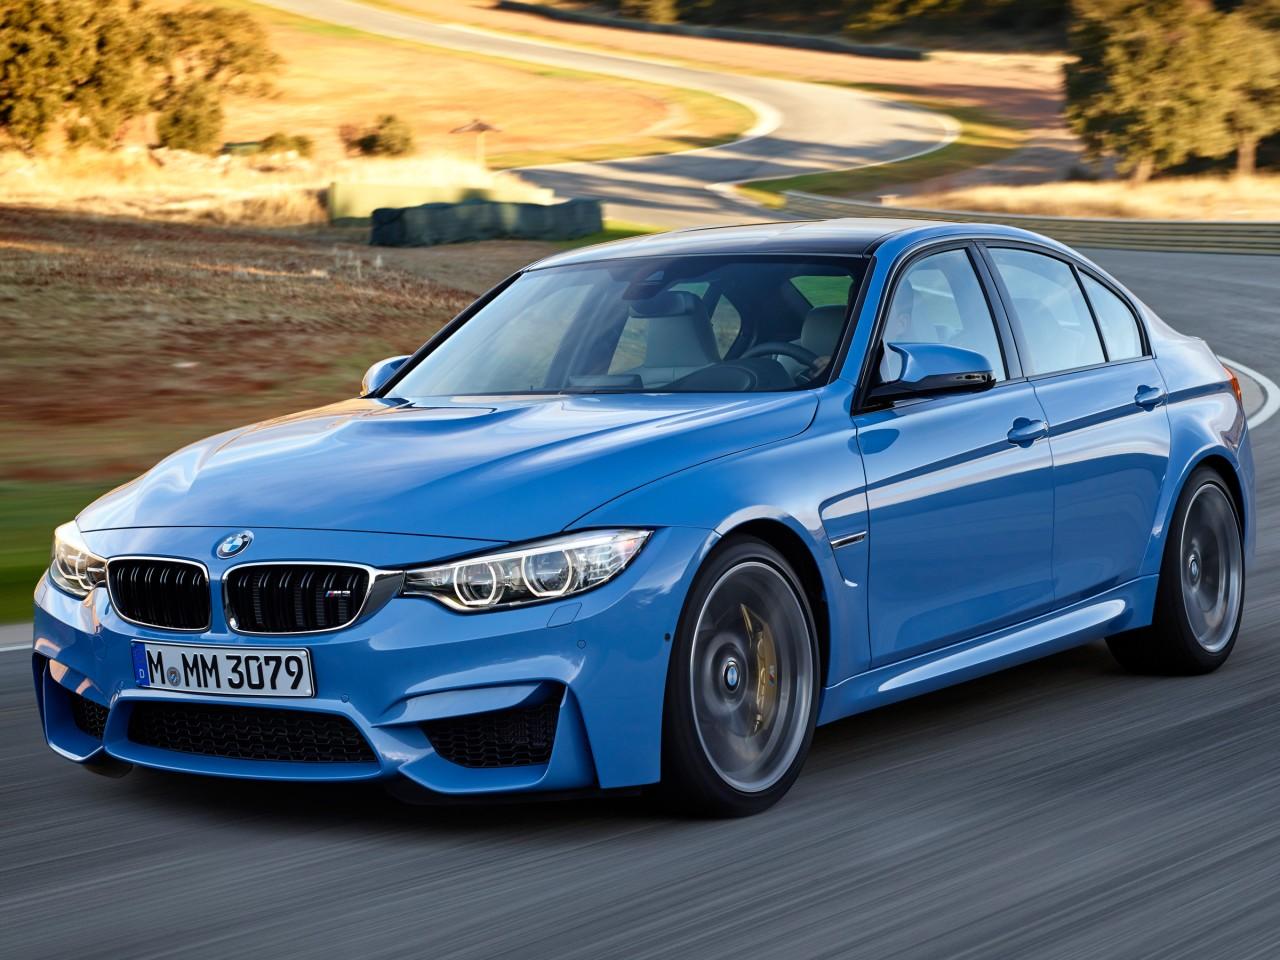 BMW M3 セダン 2014年モデル 新車画像